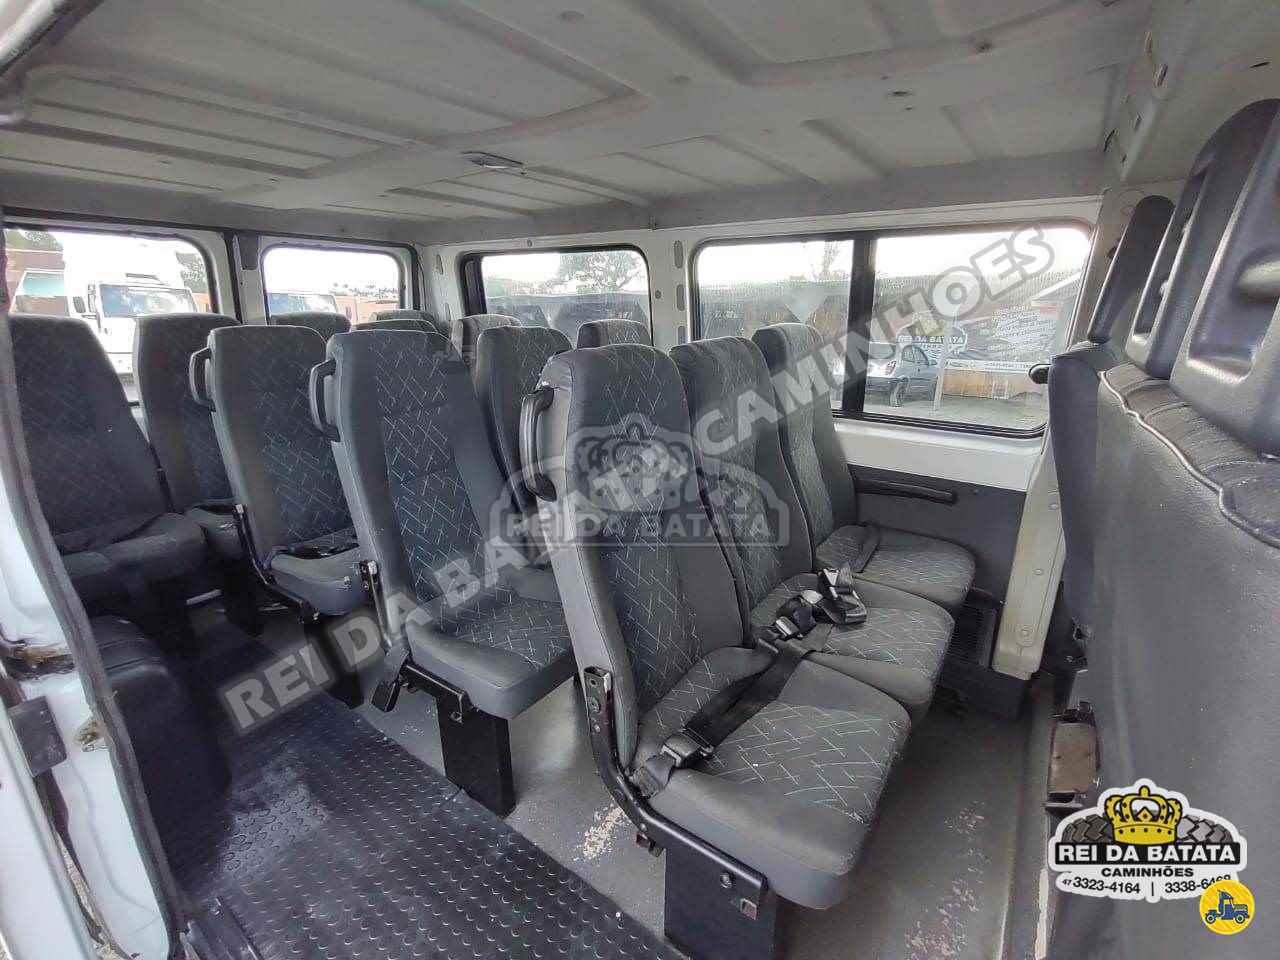 CITROEN Jumper Minibus 2.8 527000km 2009/2009 Rei da Batata Caminhões